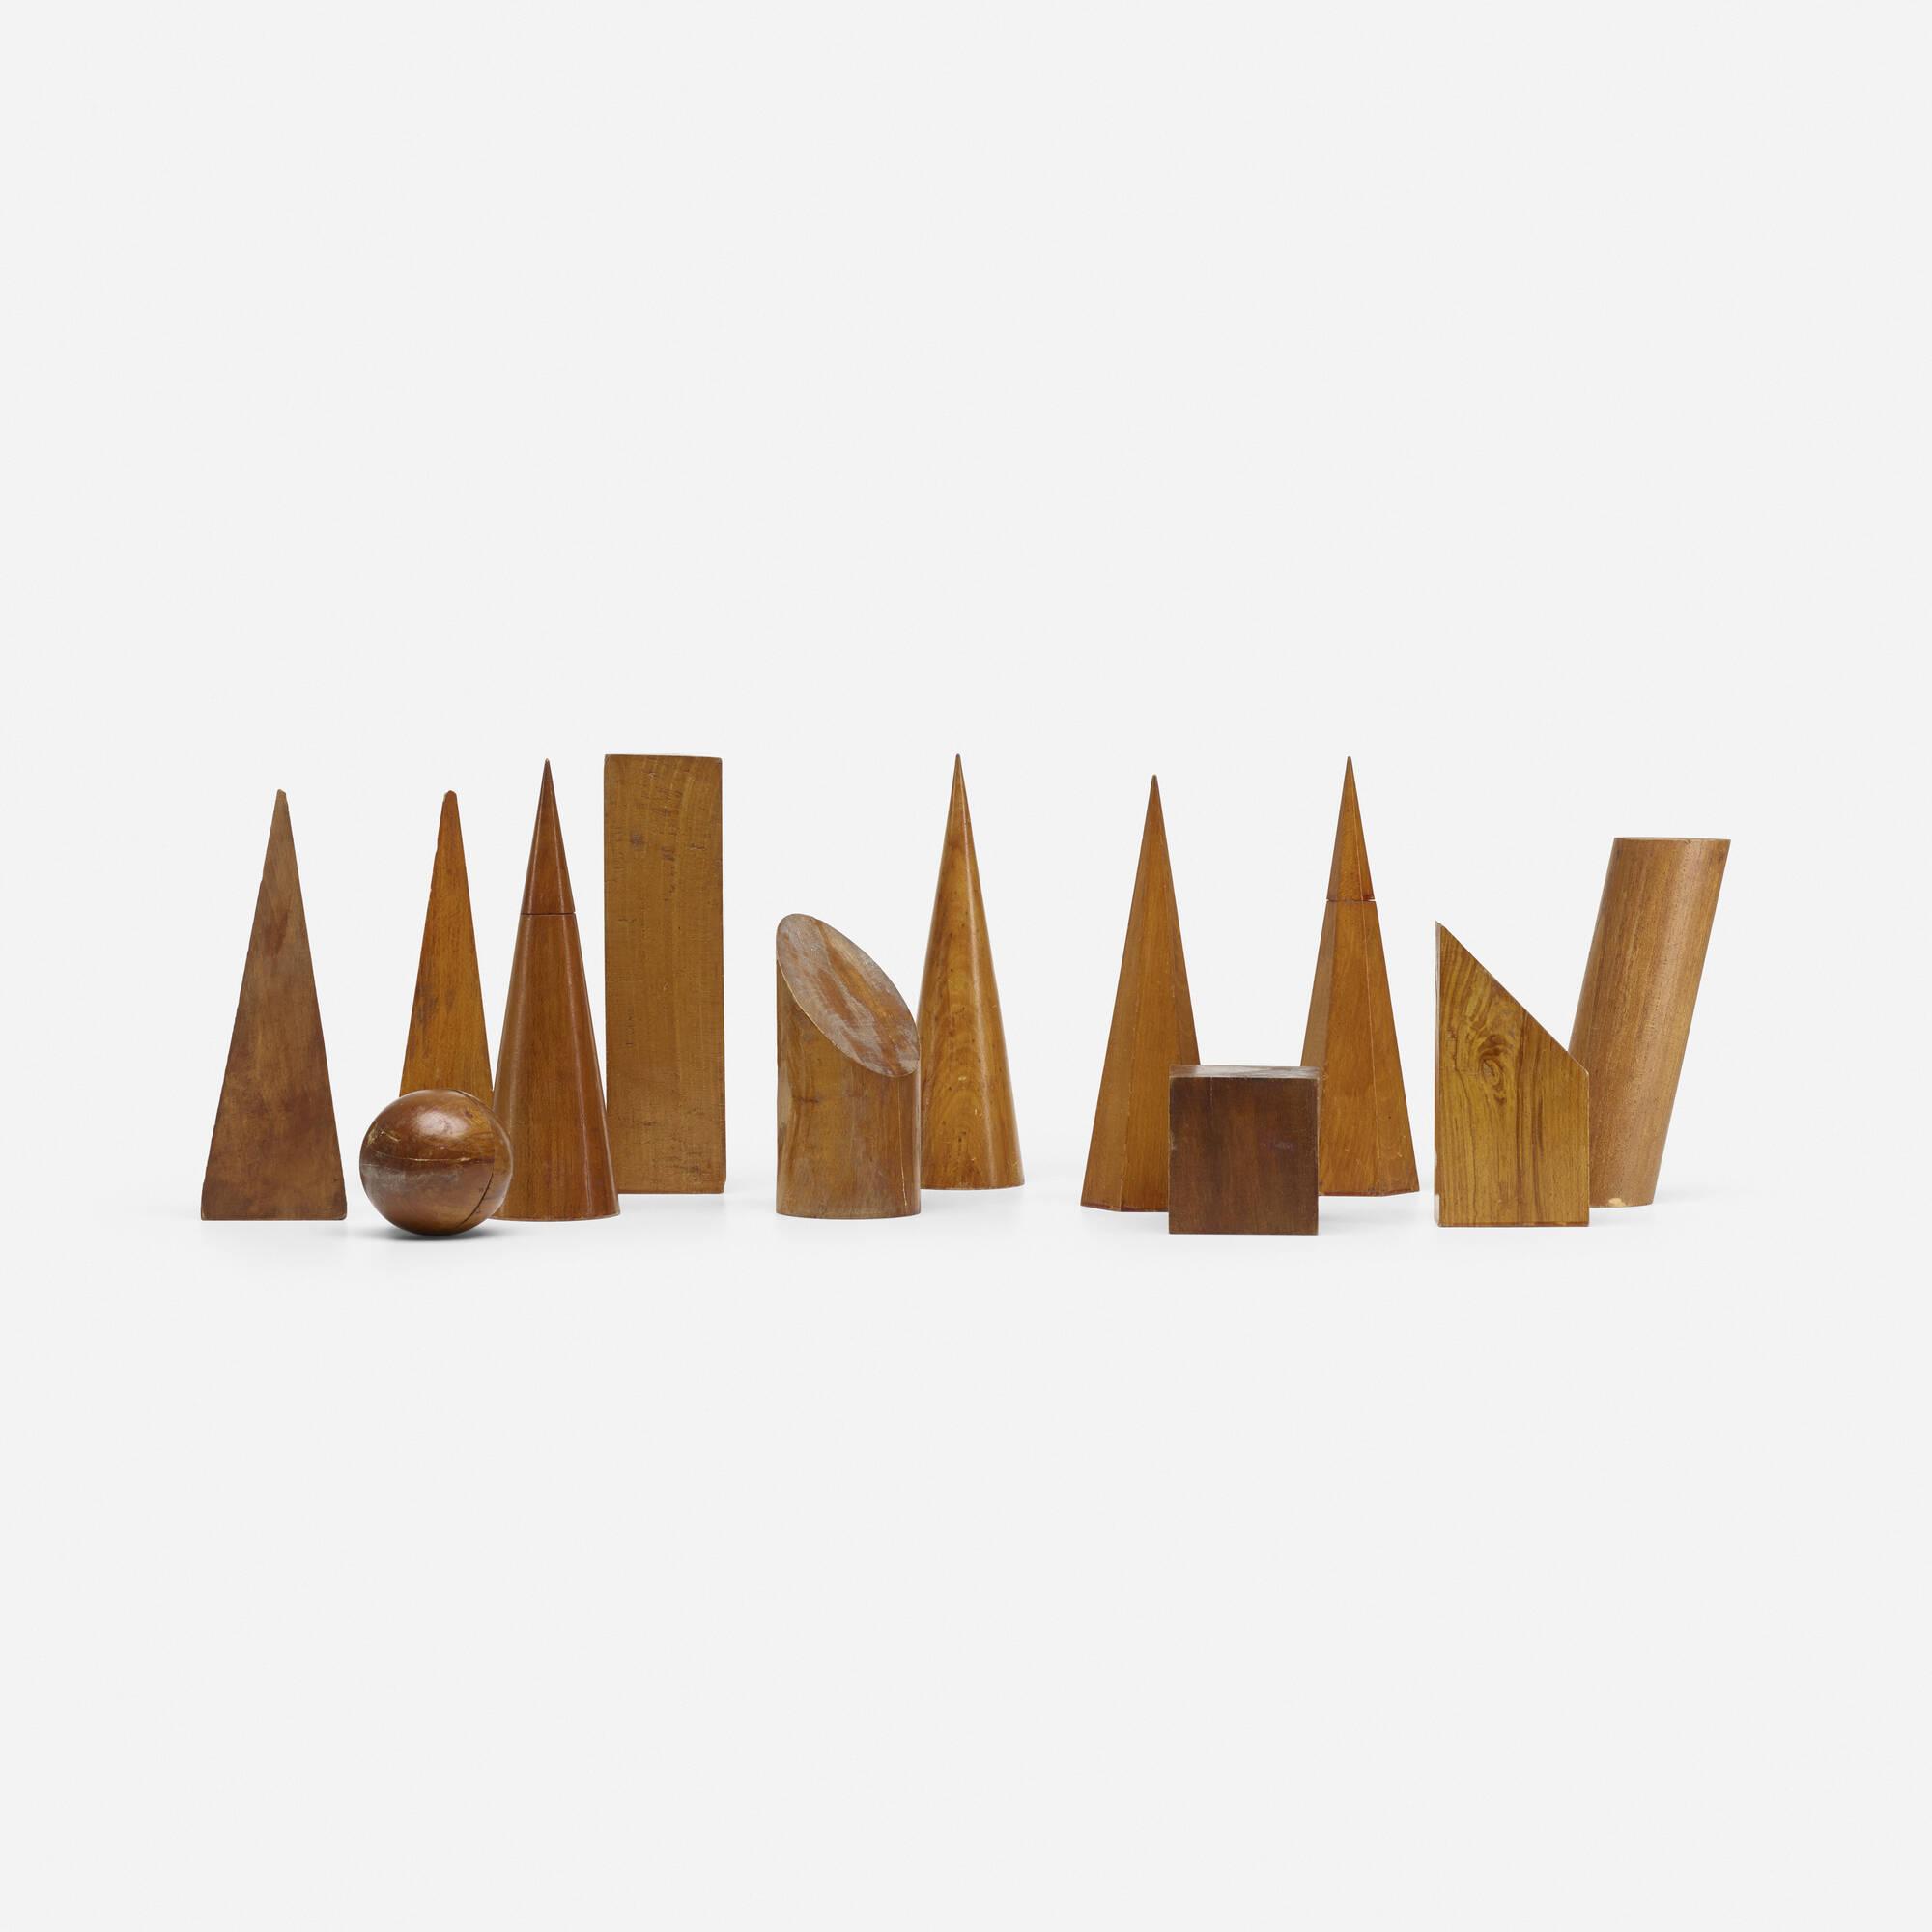 131: Belgian / collection of twelve volume models (1 of 2)